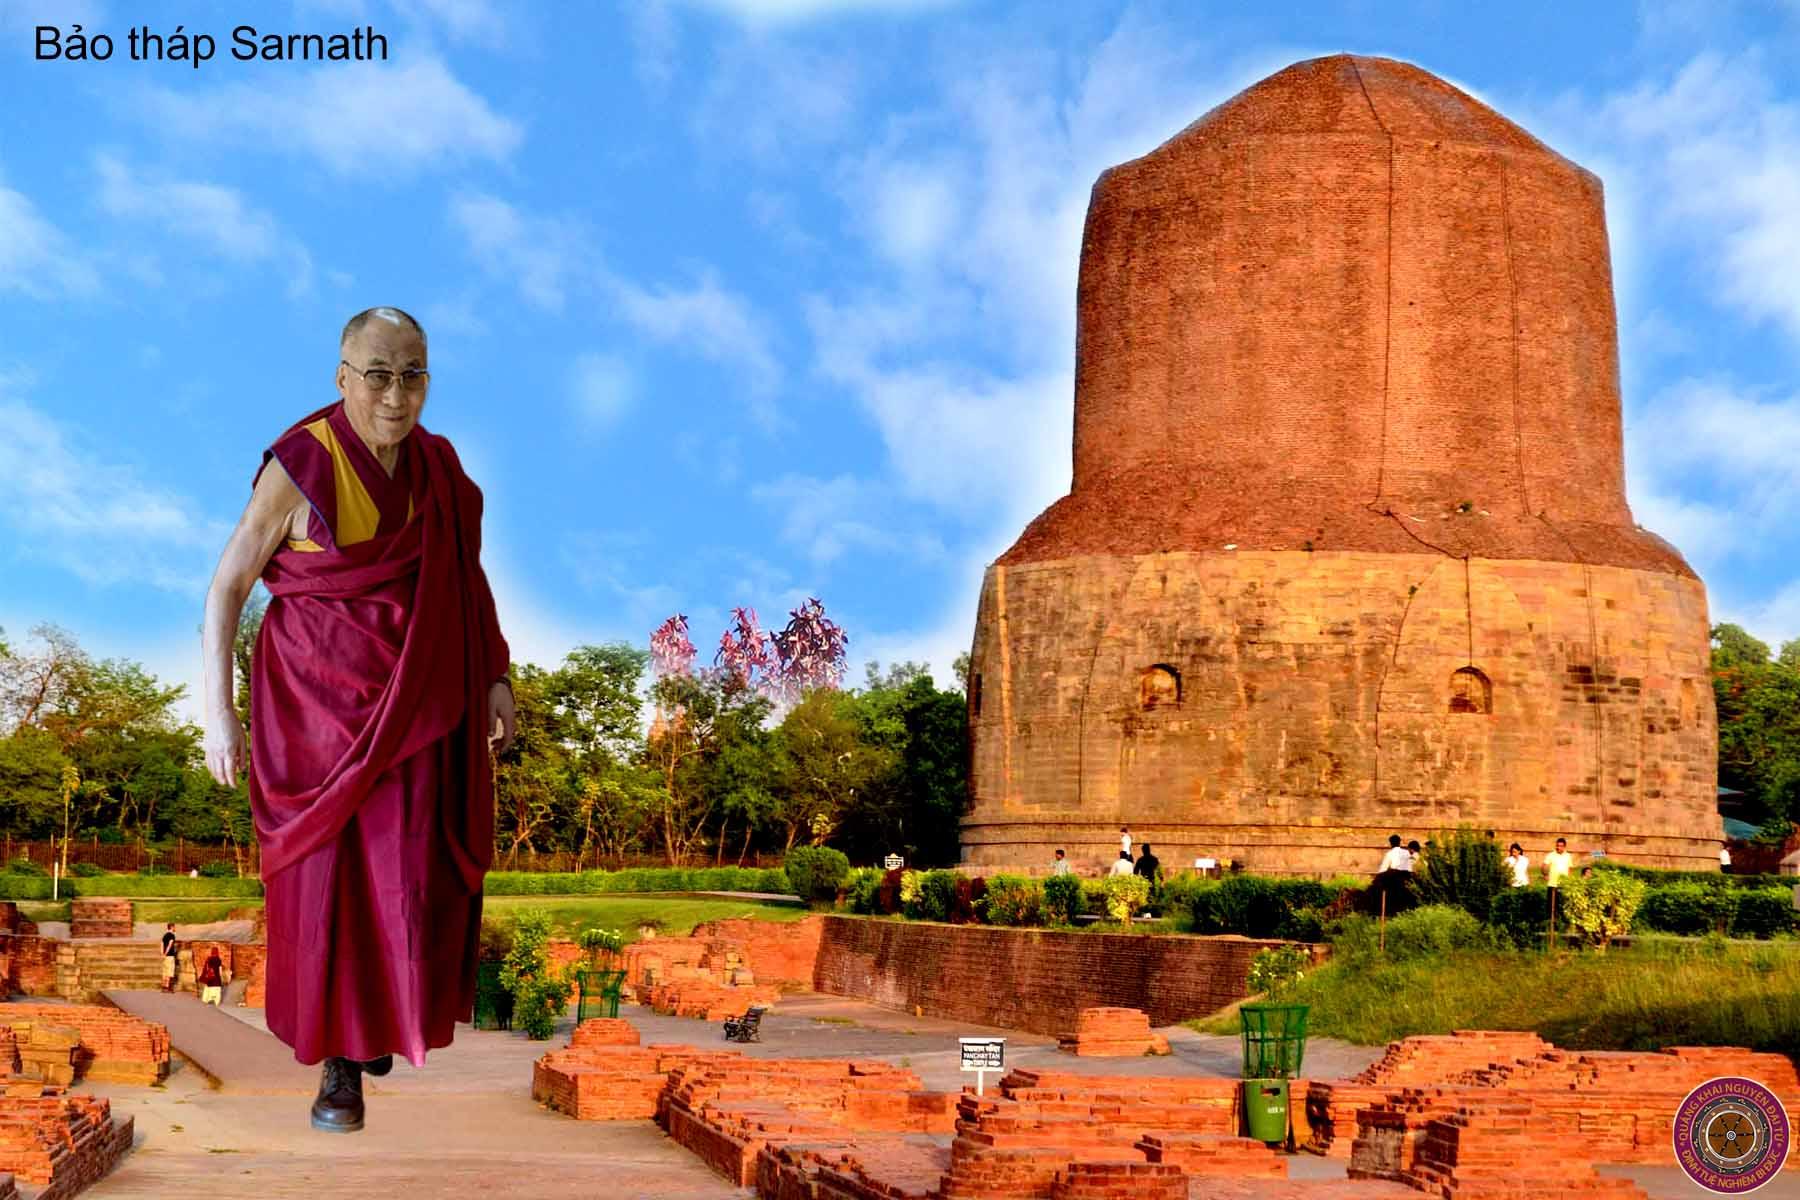 C:\Users\Tu Duc\Pictures\2011-11-14 reflectionA\Dalai Lama\6\sarnath1.jpg